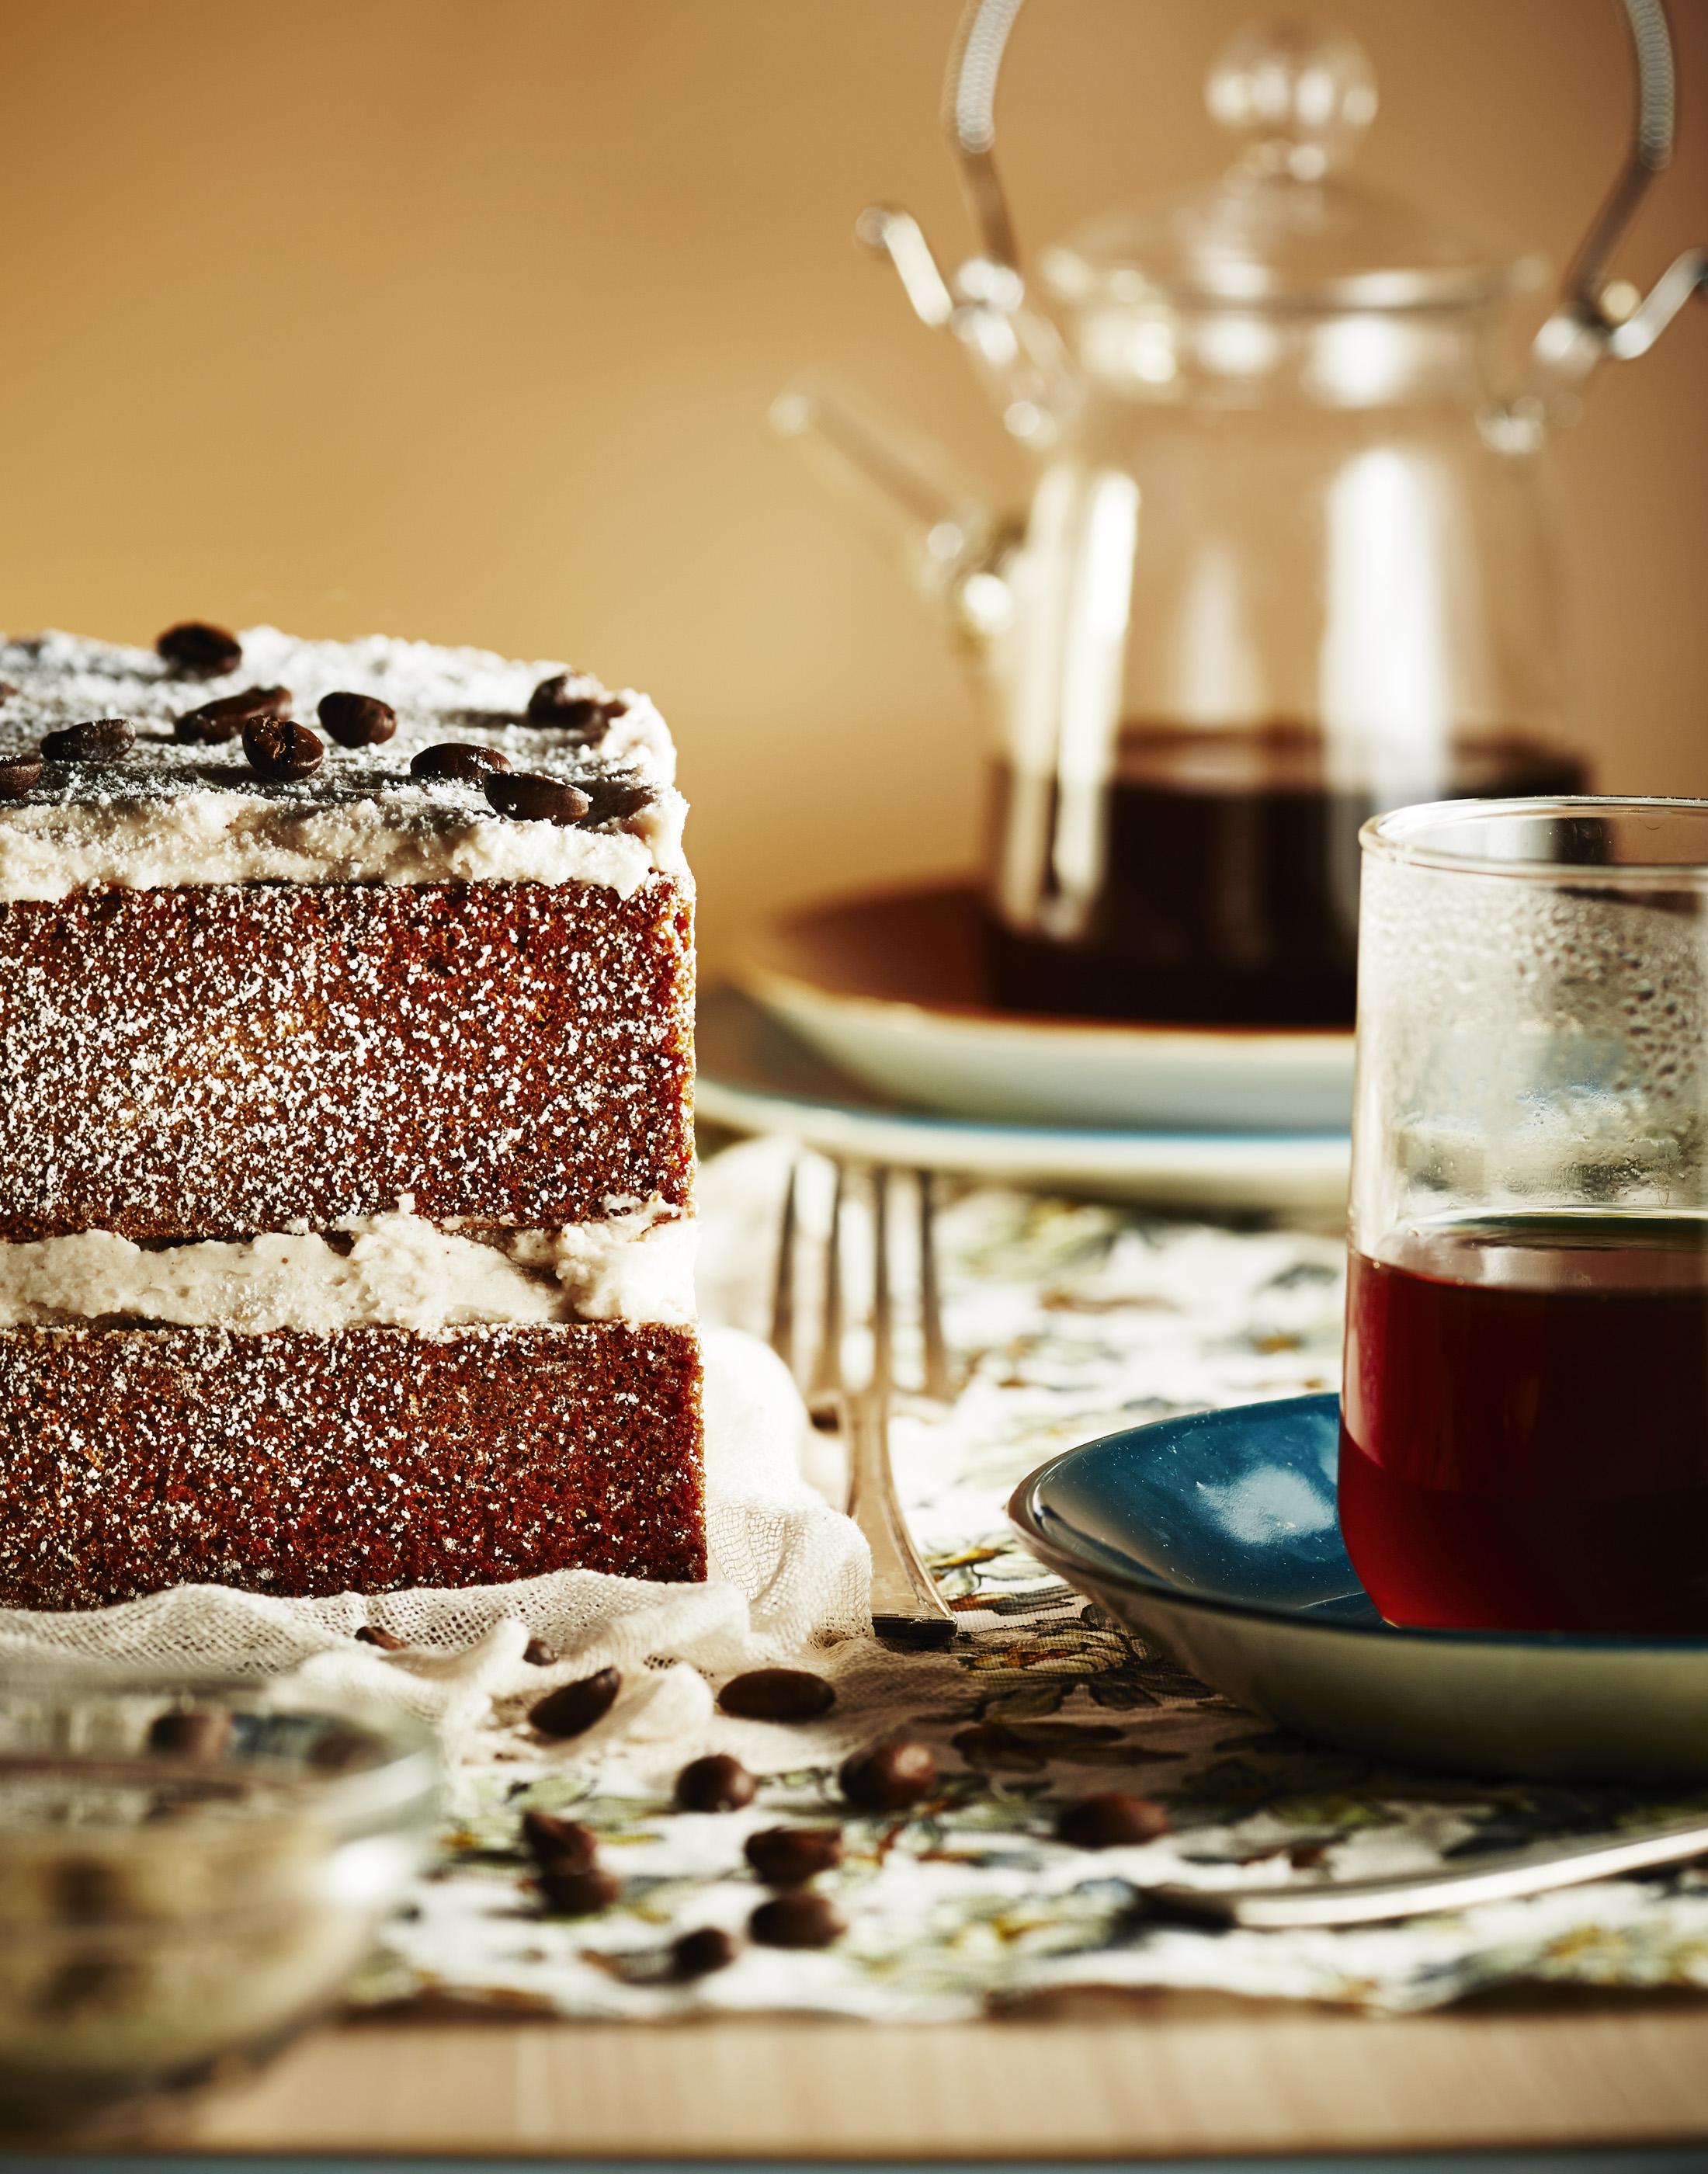 Coffee cake11x14_200dpi.jpg